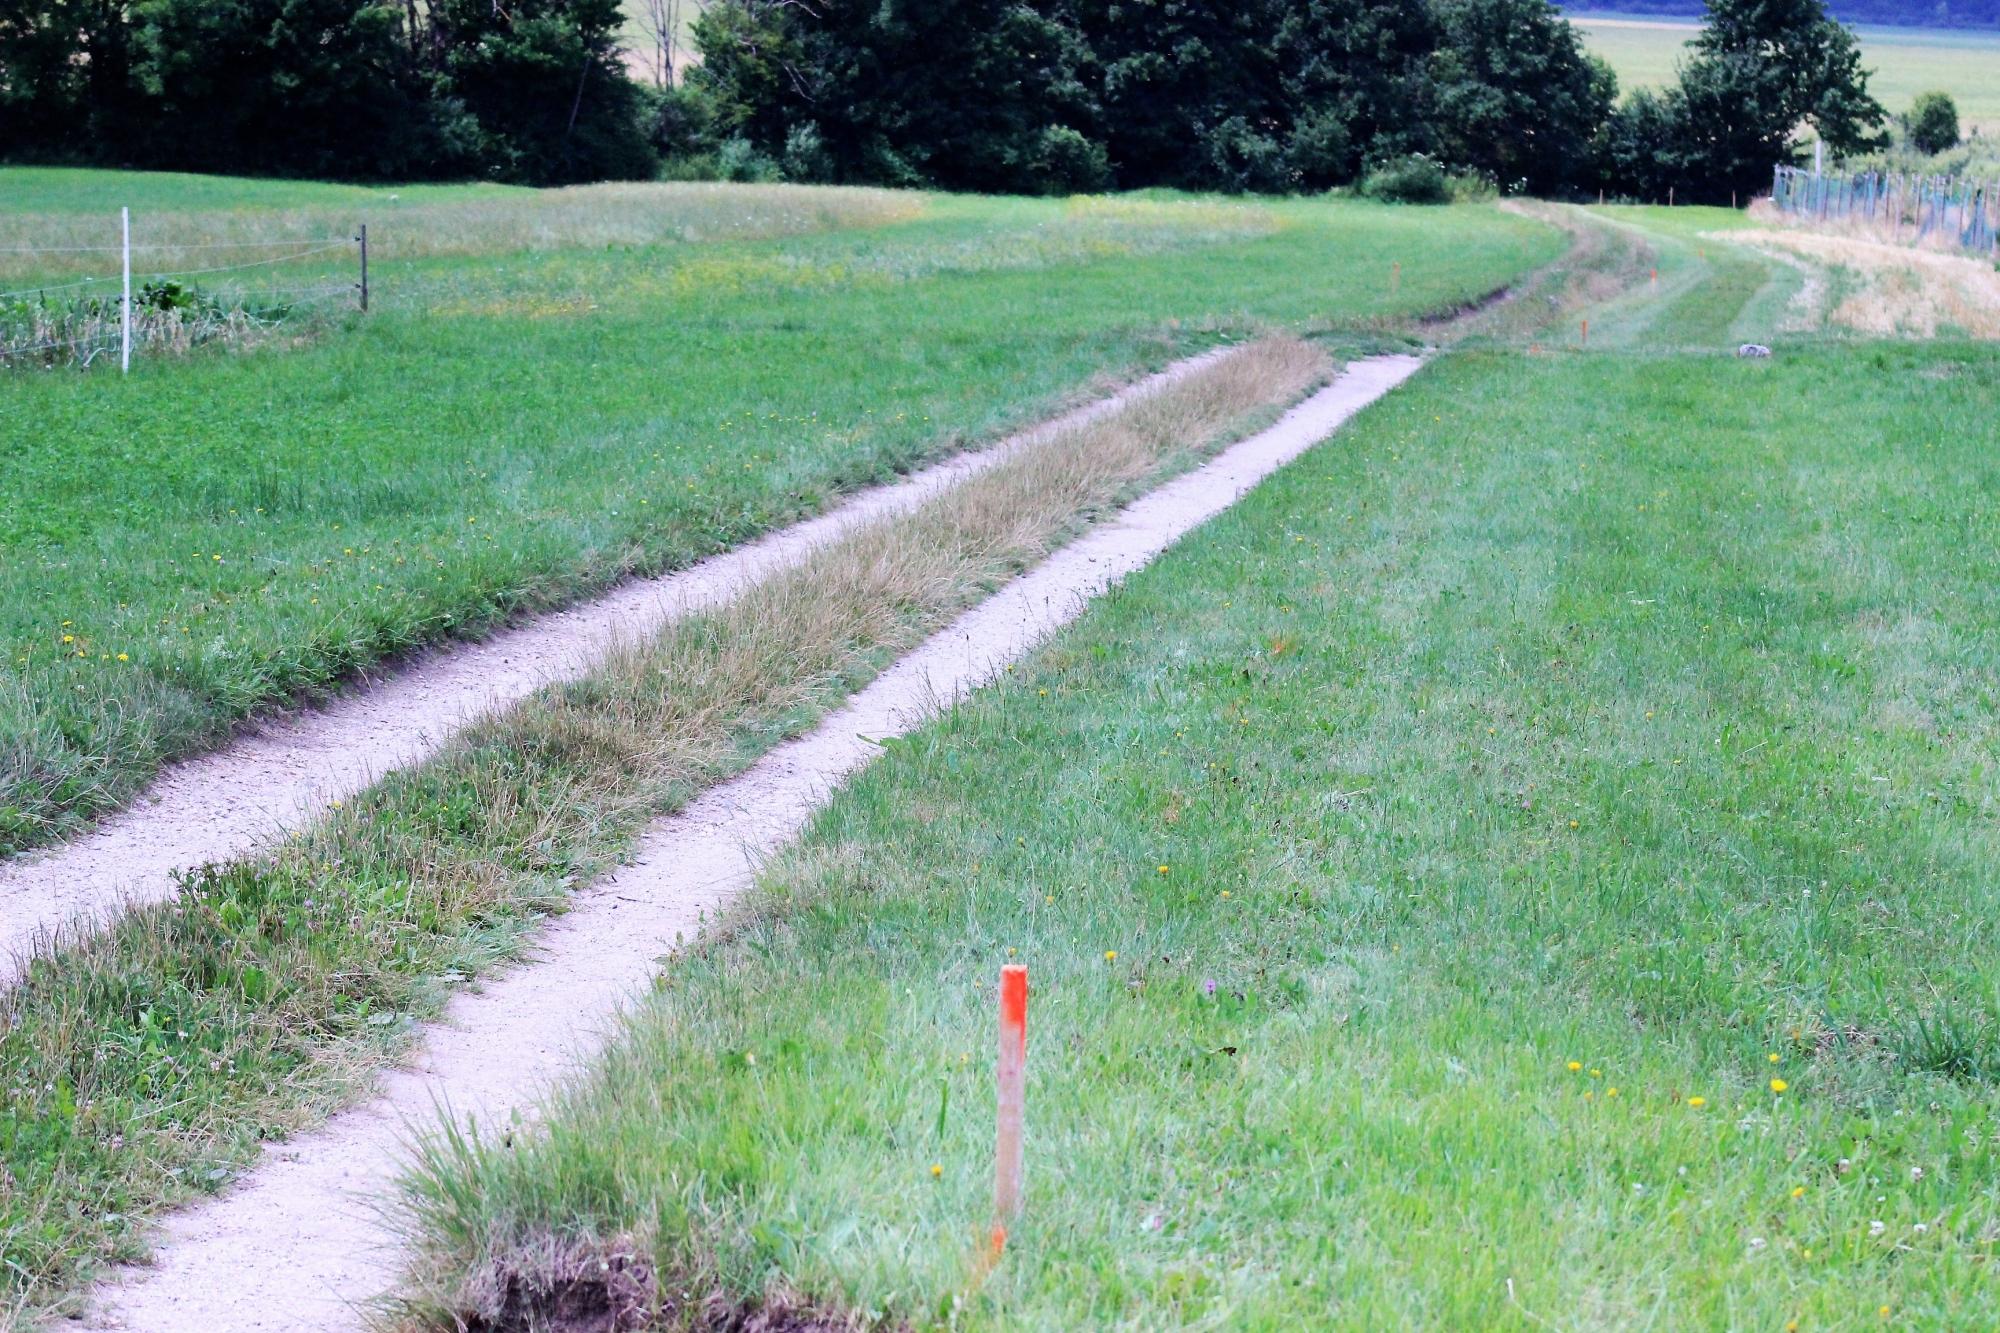 Pot, ki vodi do Belega Brega ob vodotoku STrženu